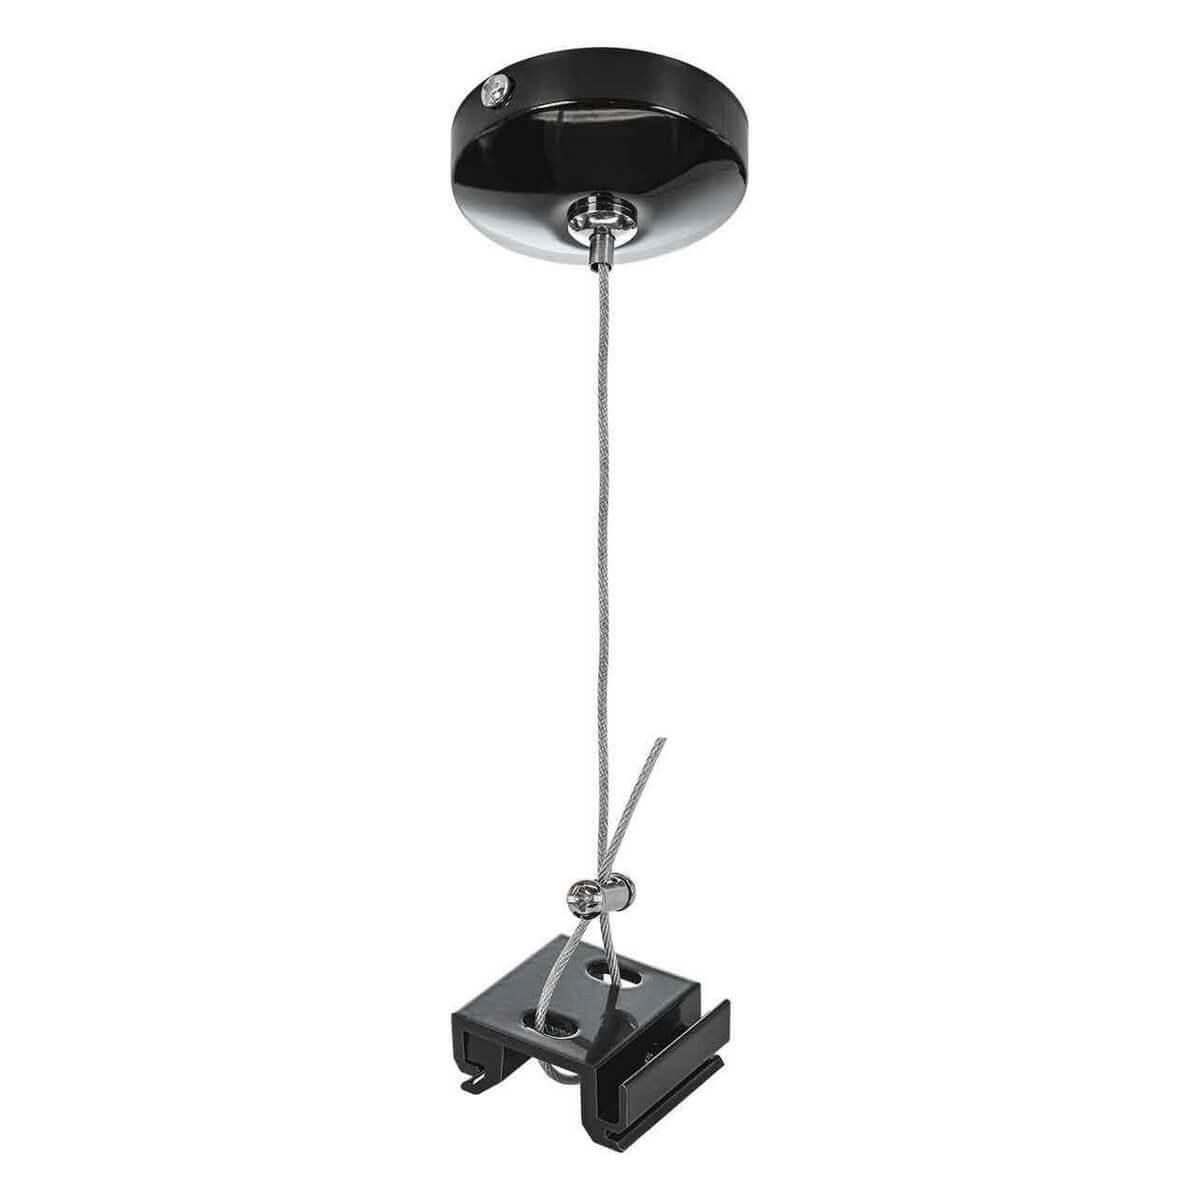 Подвесной комплект Lightstar 504177 Barra Black (для трехфазного или однофазного шинопровода) фото